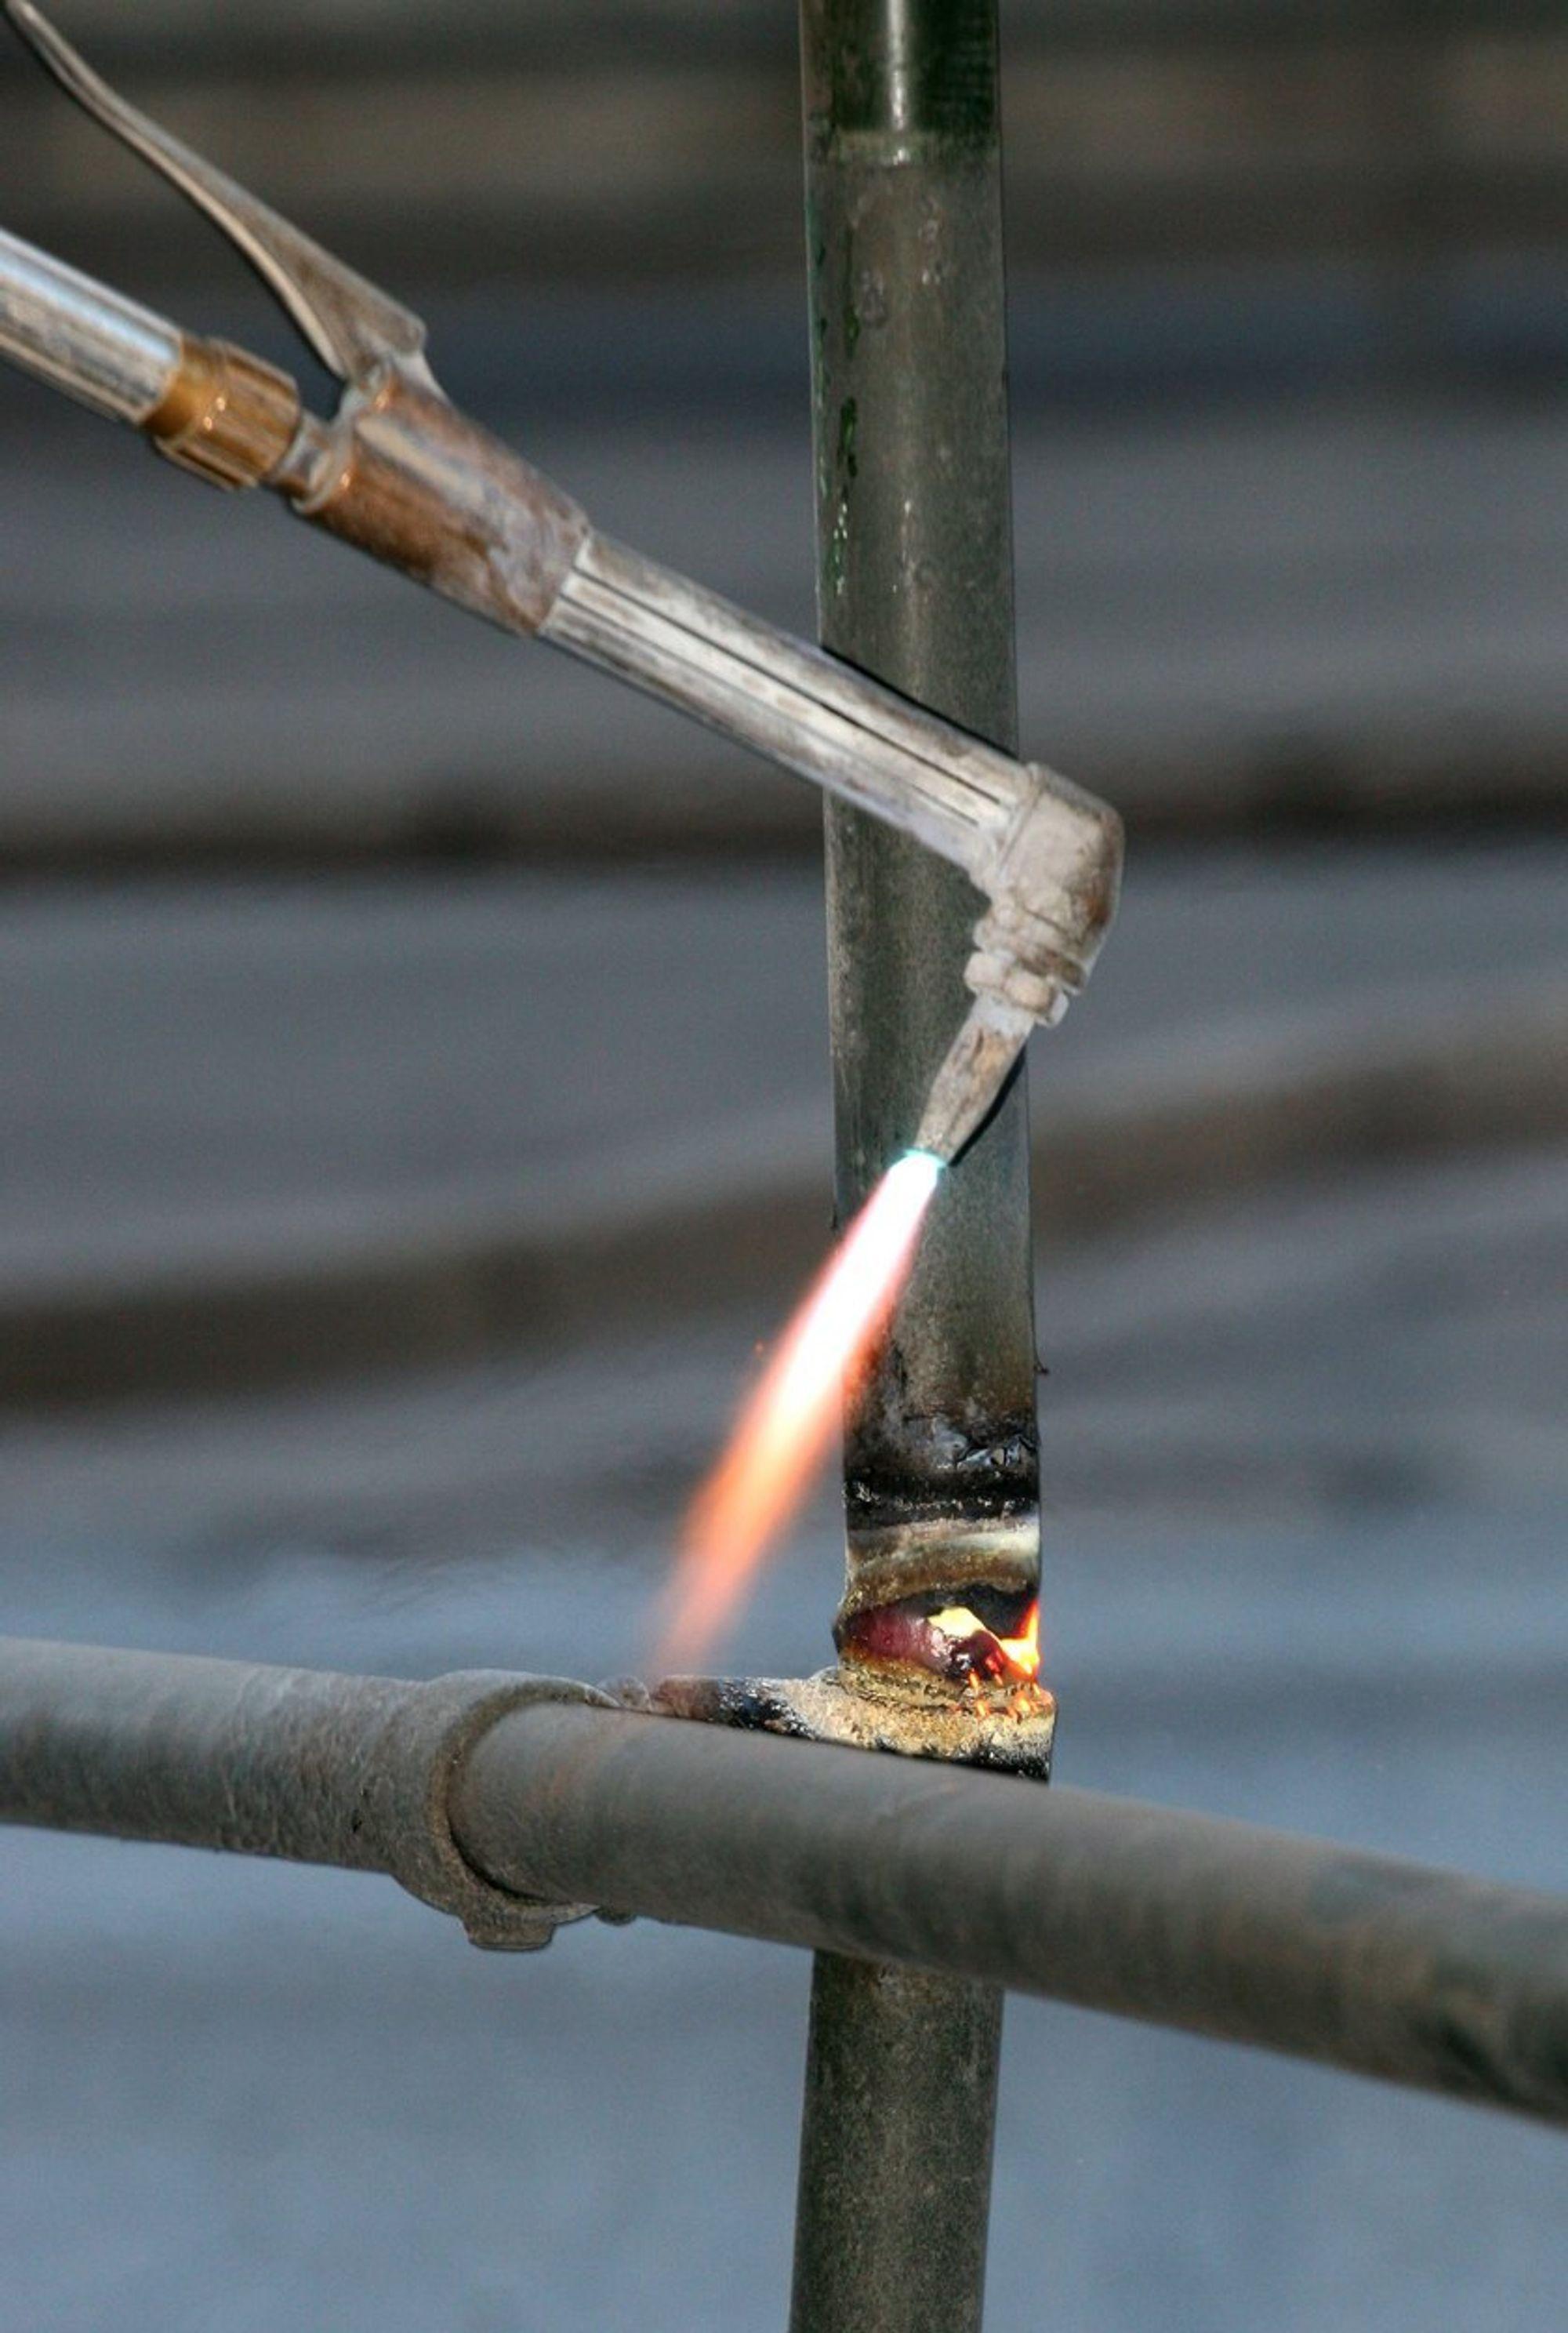 ØKER: Gassbruken i Norge øker, og nå vil aktørene samle seg i egen bransjeforening.